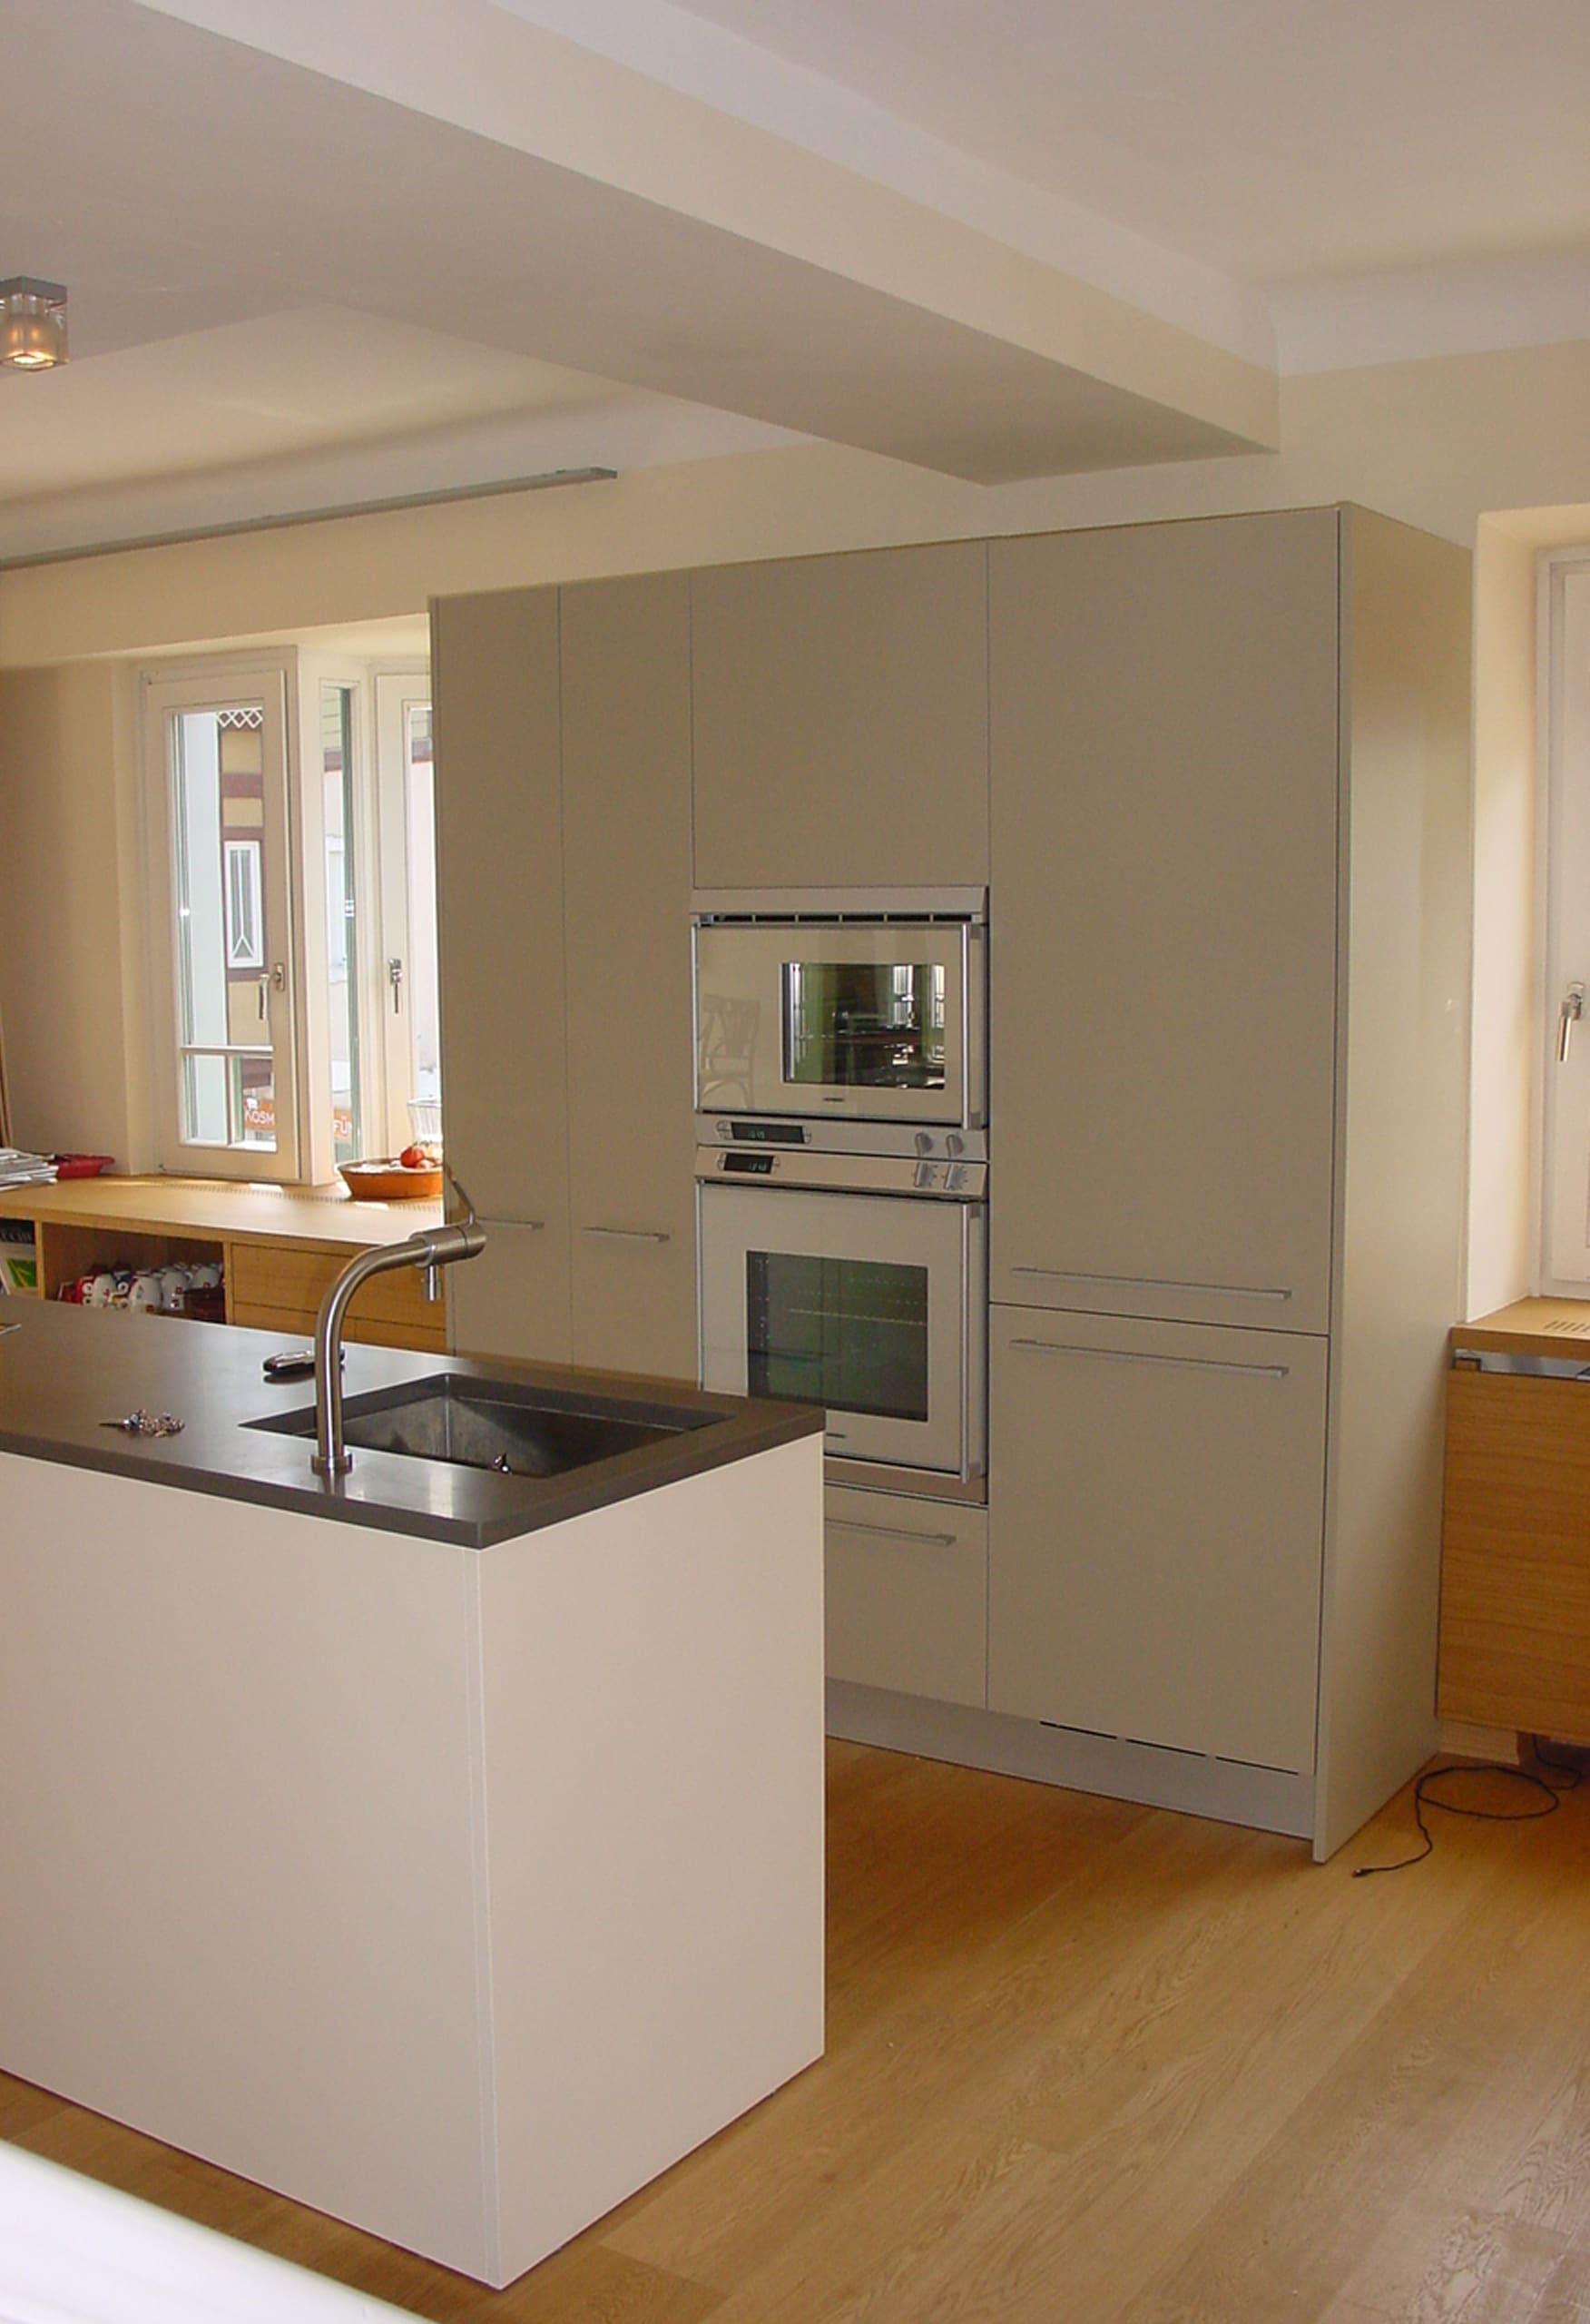 Ziemlich Billigste Küche Sanierungskosten Bilder - Ideen Für Die ...